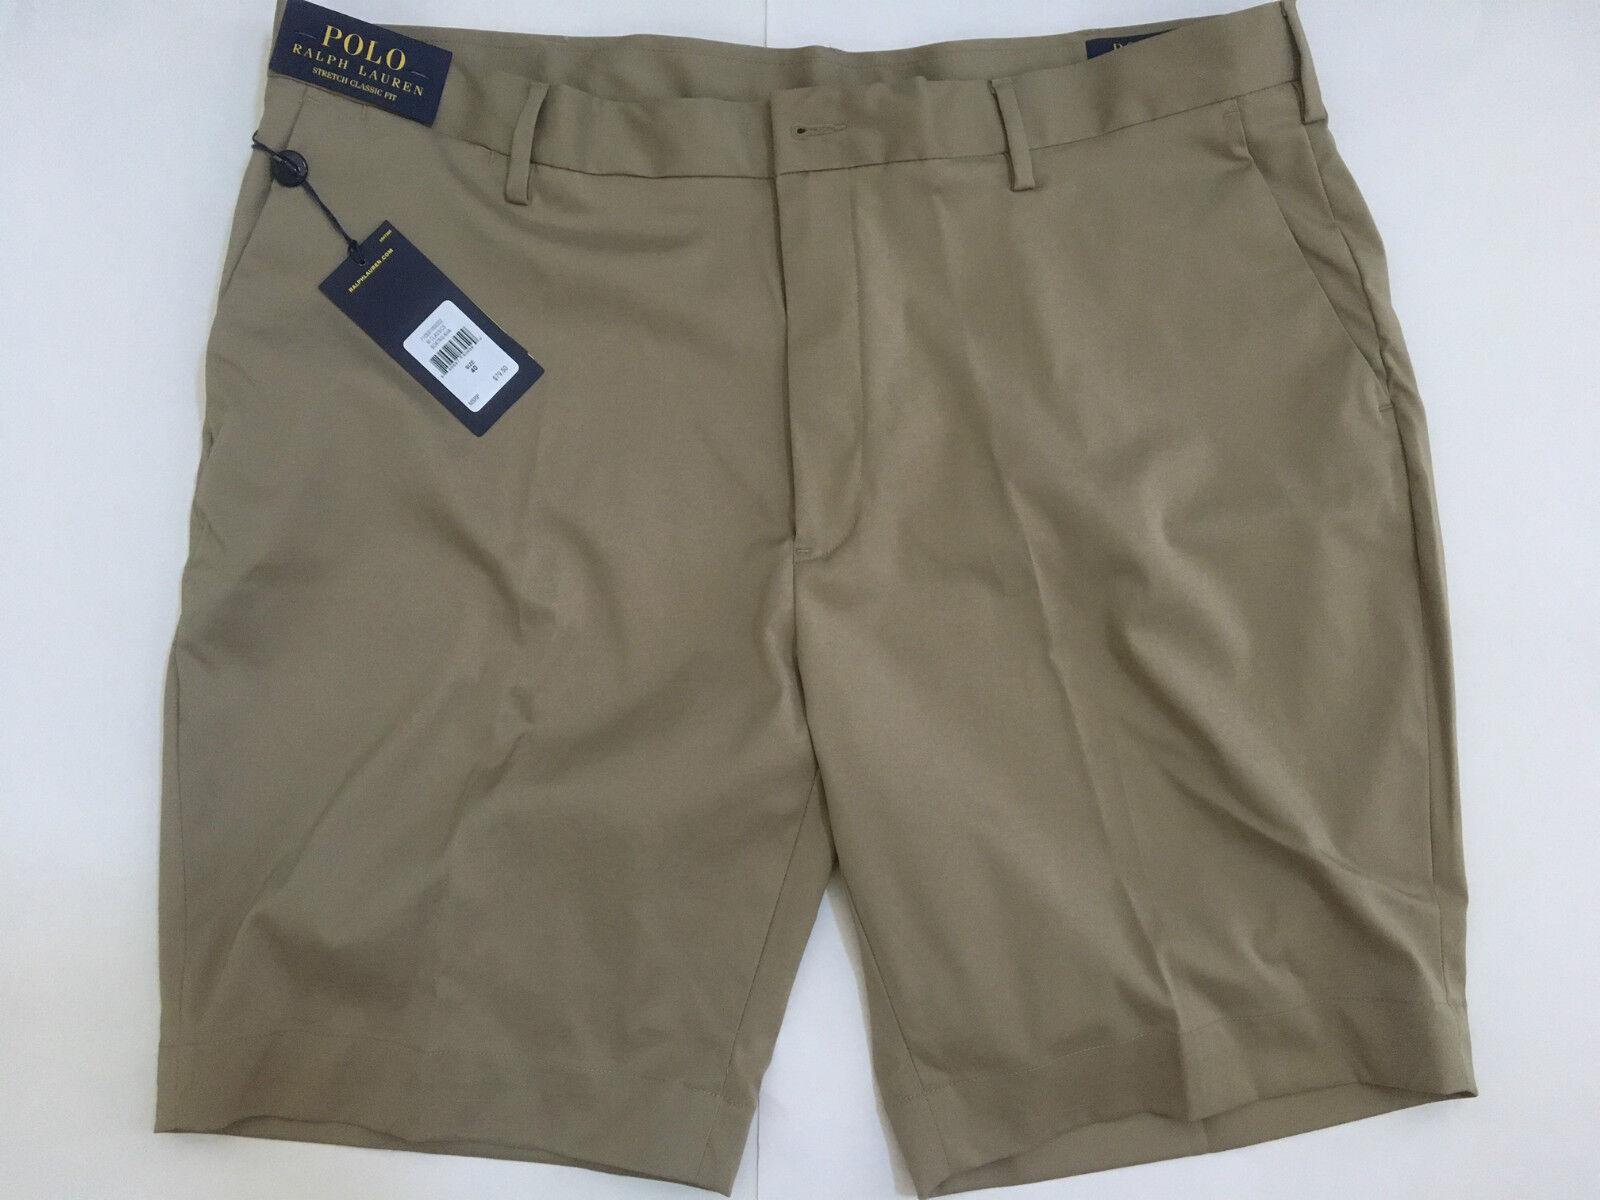 Nuova con Etichetta Etichetta Etichetta Polo Ralph Lauren Uomo Vestibilità Classica Stretch 7e1e50